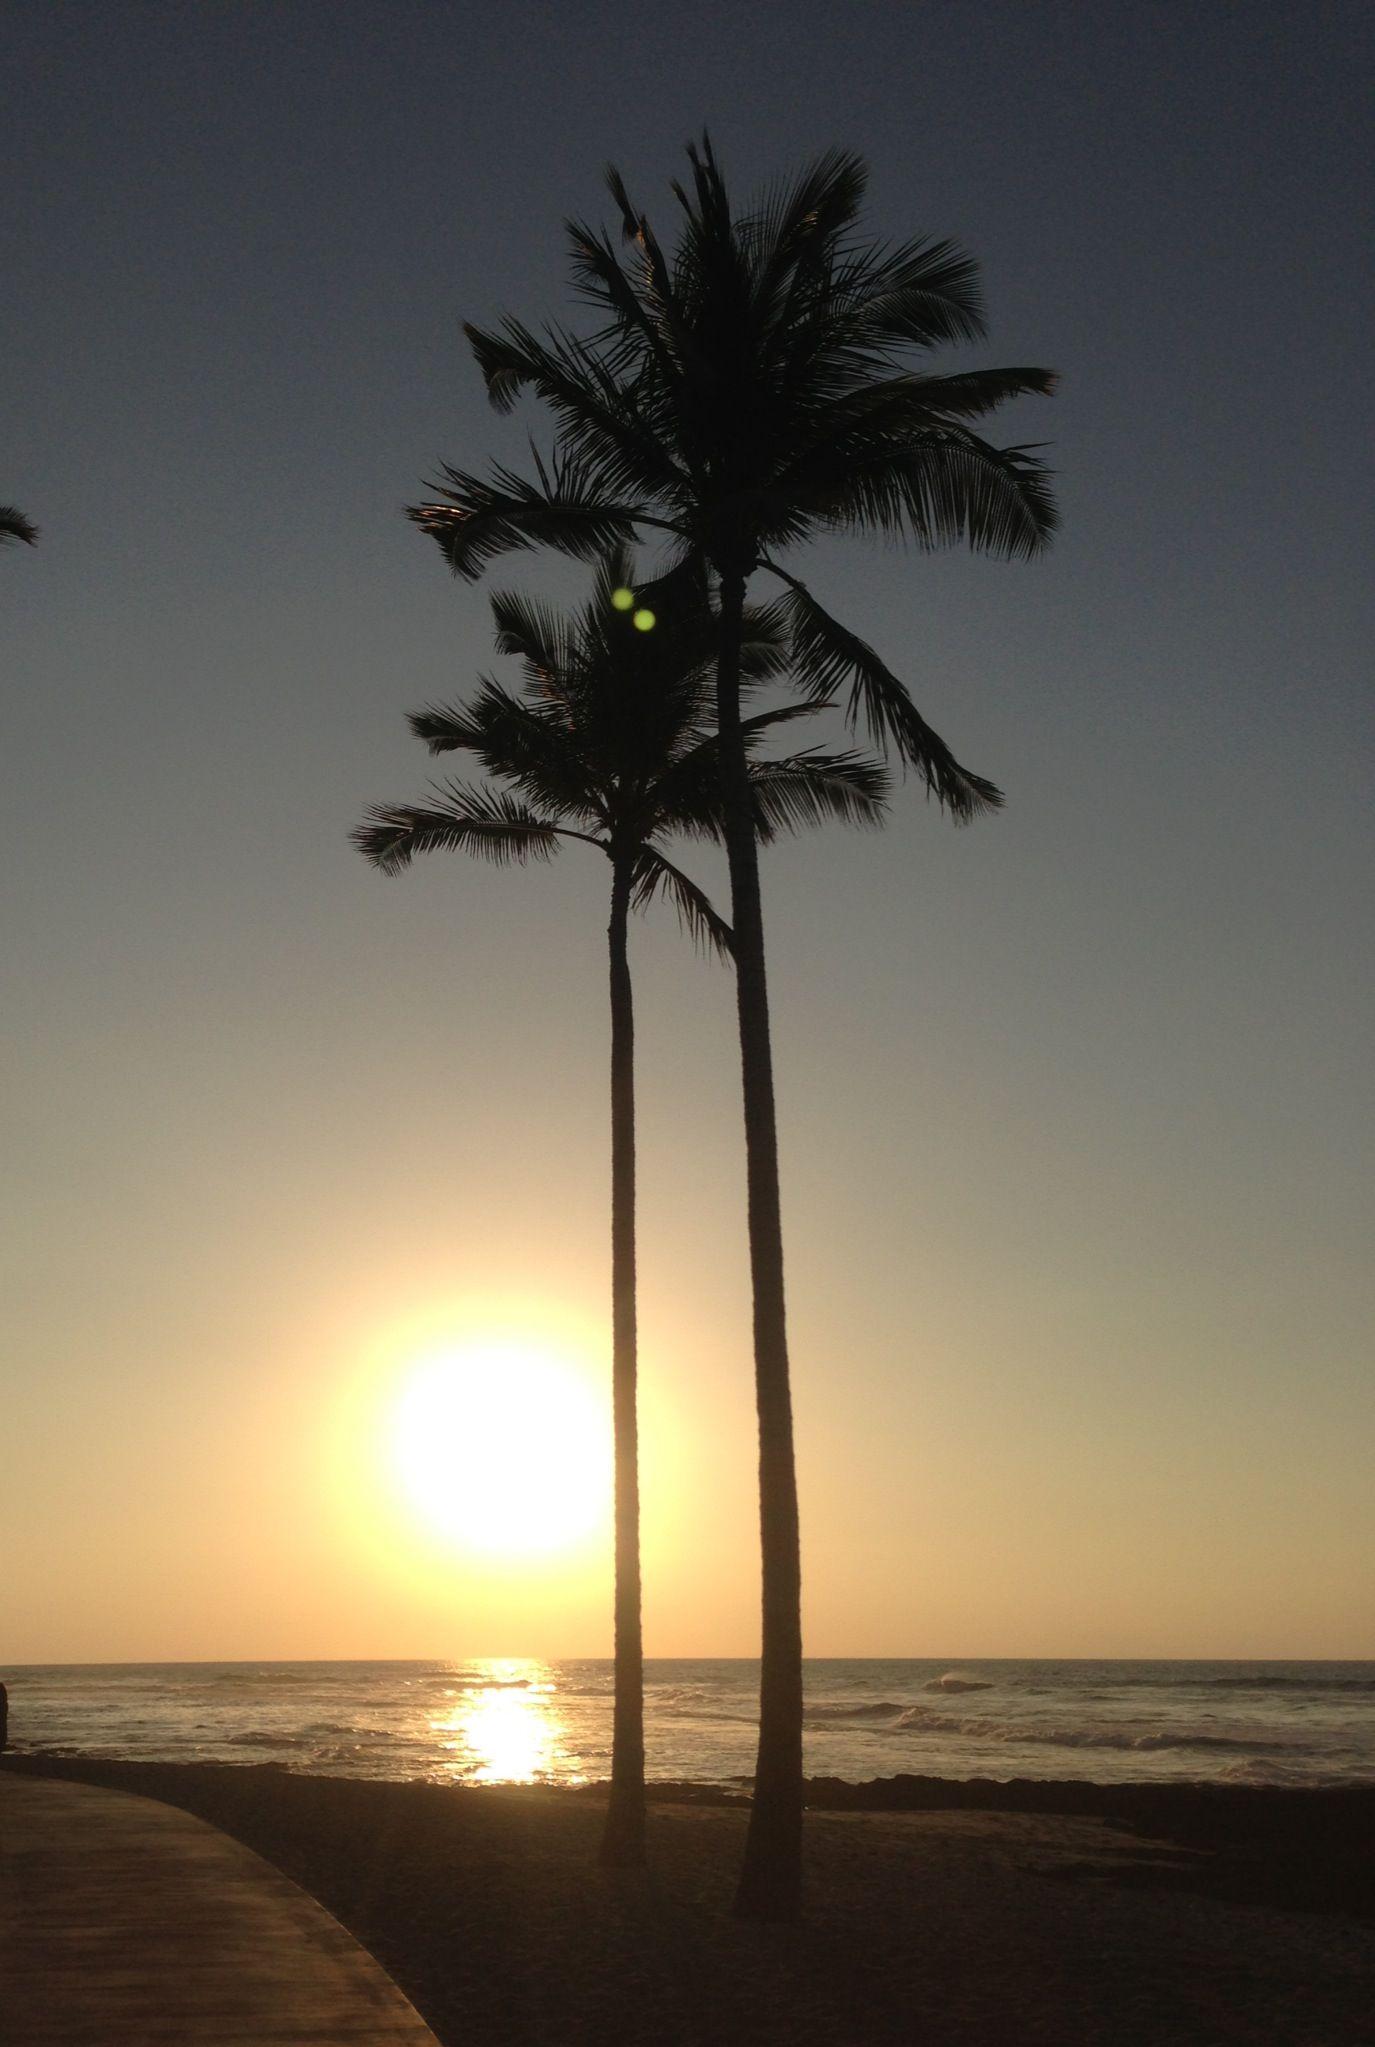 Sunset at Four Seasons Hualalai (KailuaKona, HI